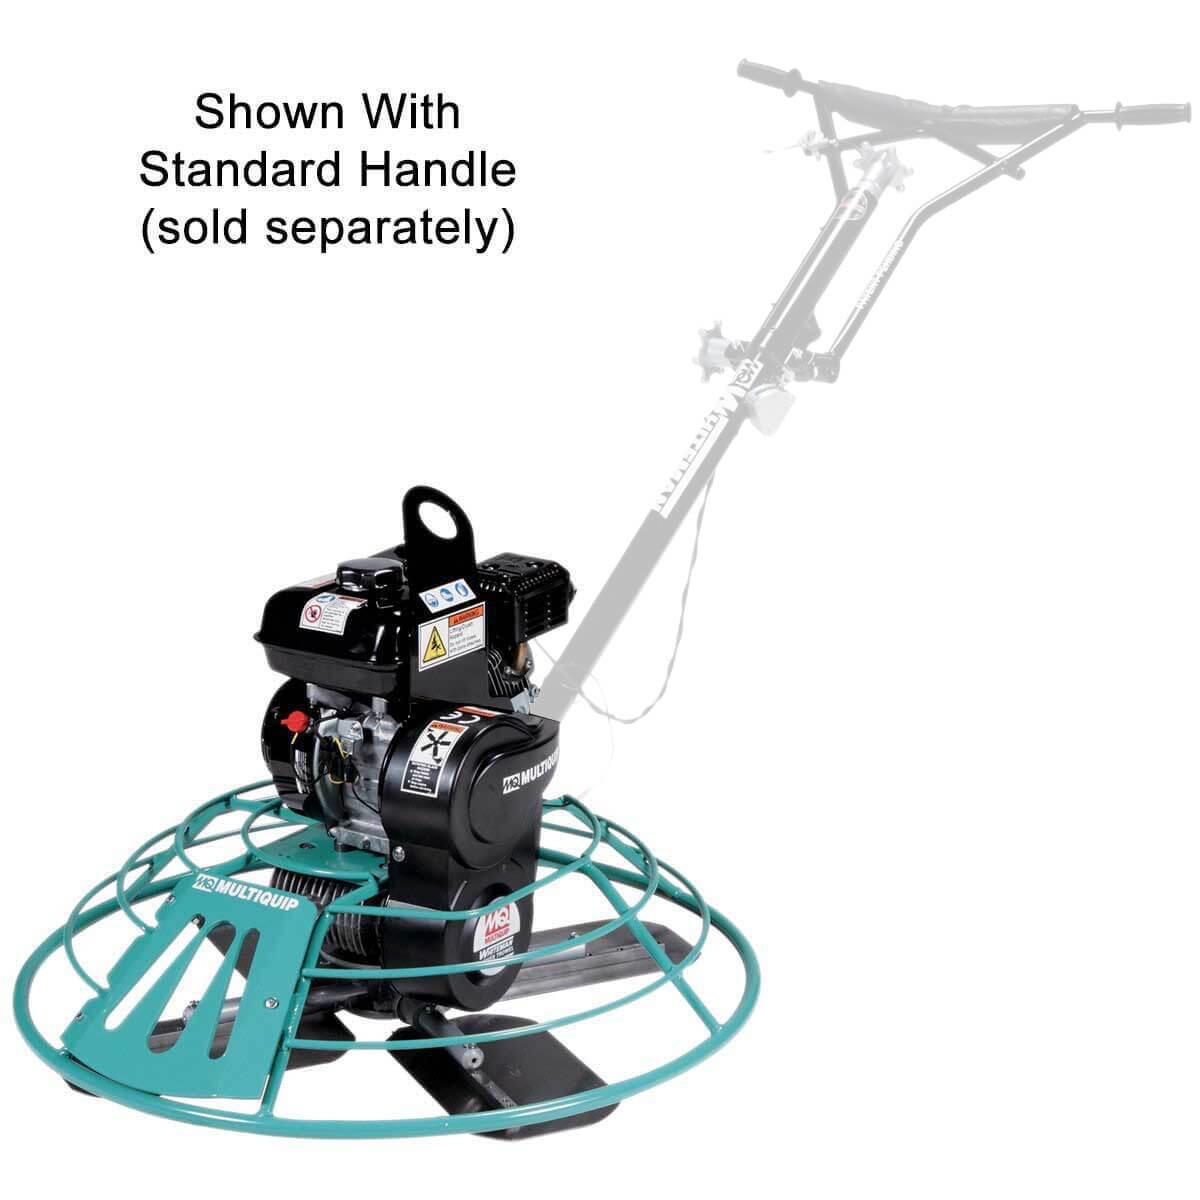 Multiquip Whiteman J Series 36 inch Power Trowel